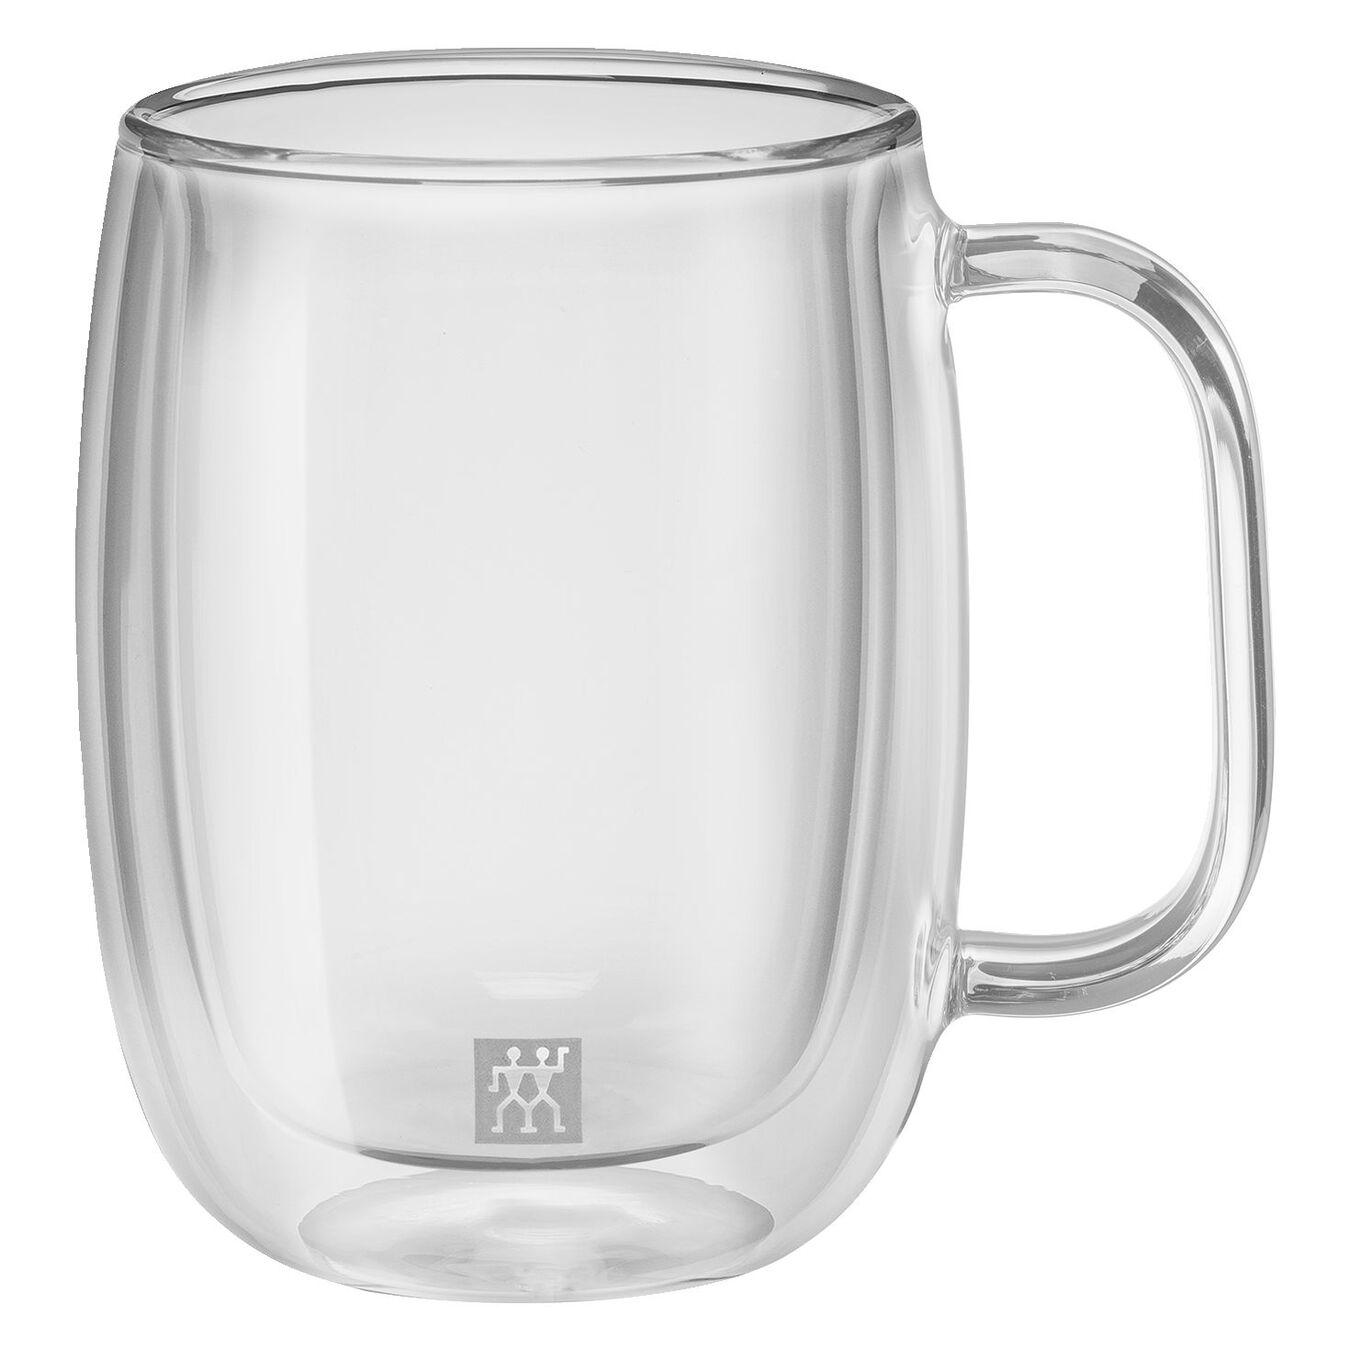 Çift Camlı Kulplu Kahve bardağı seti | Borosilikat Cam | 2-parça,,large 1